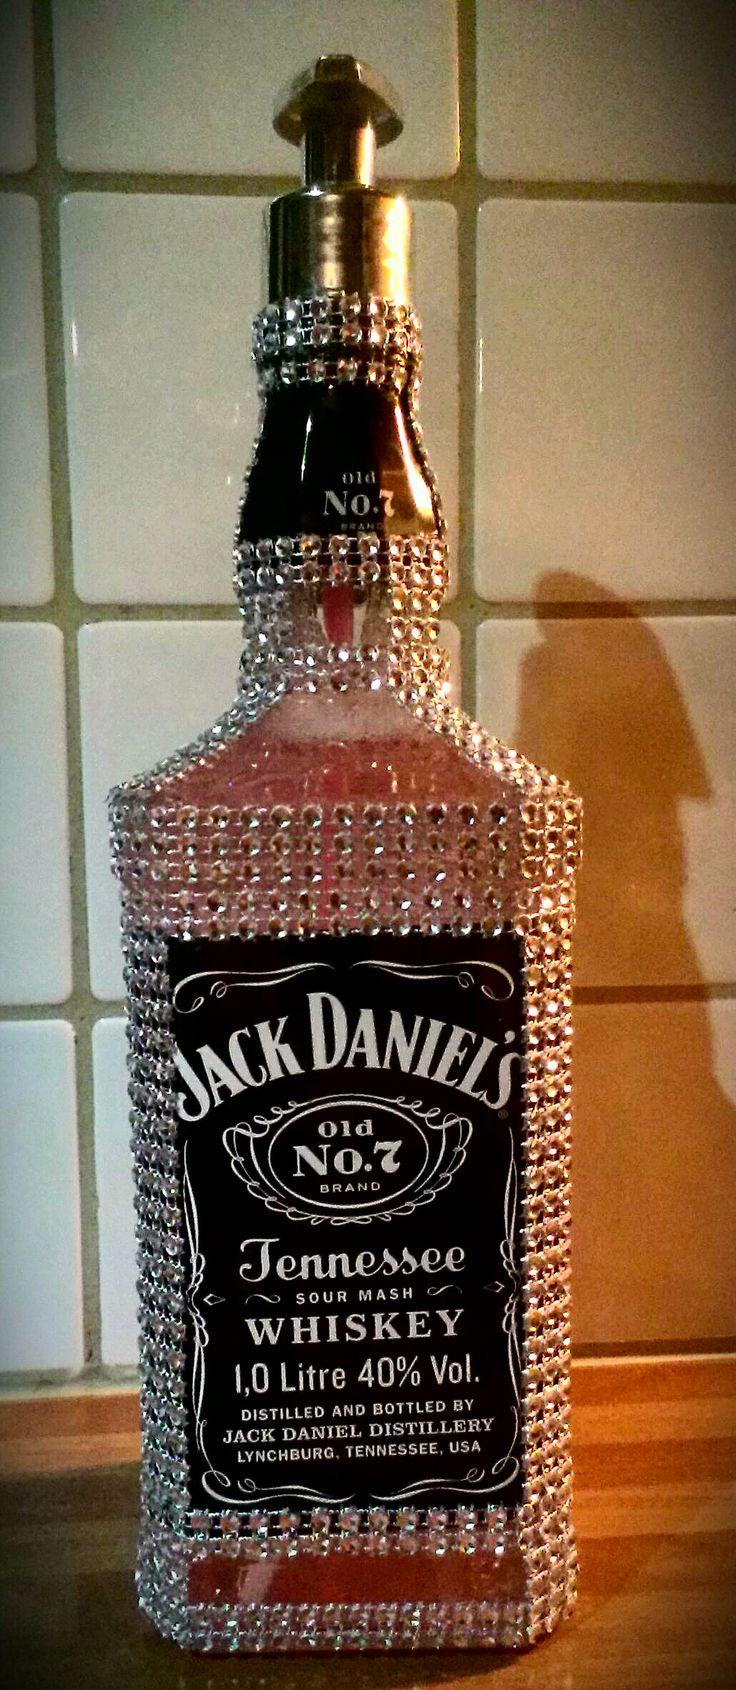 Homemade Jack Daniels bling bling soap dispenser. https://www.facebook.com/blingblingstuff